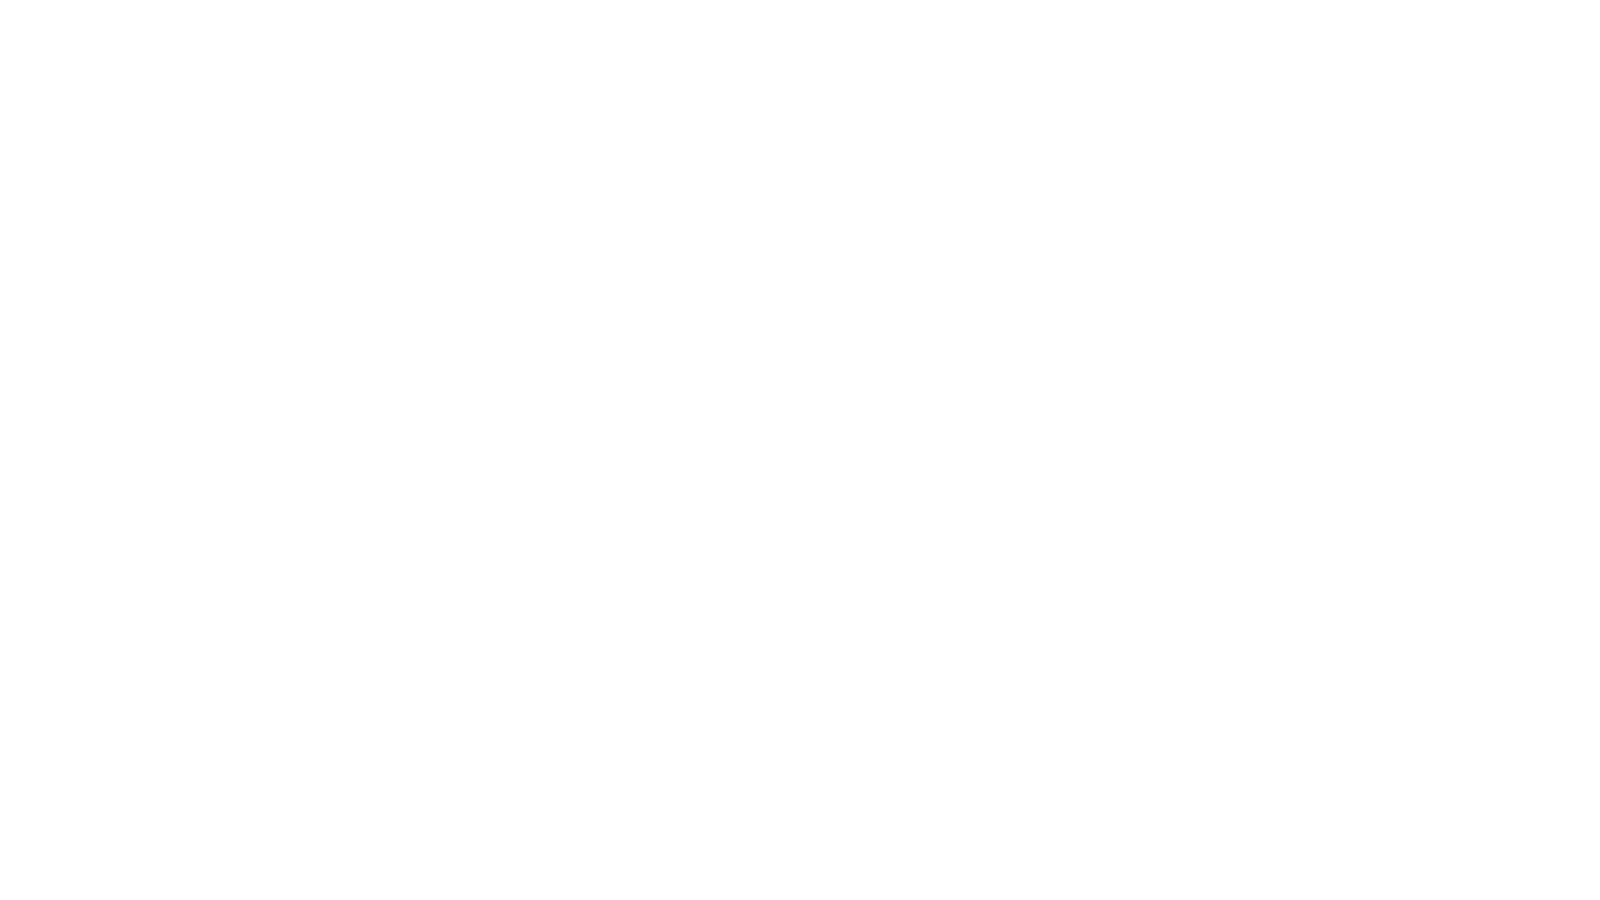 公式L I N Eアカウント 限定 で 知って得する 最新の スピリチュアル情報 をお届け🐈 https://line.me/R/ti/p/%40vji2692m  チャンネル登録はこちらから→  https://www.youtube.com/channel/UCUm4B0i70Y6x8k2tuFVxPjg?sub_confirmation=1   ツイッター https://twitter.com/sinposen  インスタグラム https://www.instagram.com/twinklecocologo/?hl=ja  五嶌美幸の公式サイト http://mydestiny7.com/  ブログ(スピリチュアルな情報を発信中) http://ameblo.jp/sinposen  鑑定依頼やその他お問い合わせ(公式LINE) https://line.me/R/ti/p/%40vji2692m  動画の企画・編集:高柳亮 http://piano-88.com/session/#link  使用音源・効果音元 効果音ラボ dig.ccmixter d-elf https://www.d-elf.com/ DOVA-SYNDROME  http://dova-s.jp/ ※使用楽曲により別途表記 Kisma- We Are [NCS Release] http://youtu.be/WfluodjOkOk Steve Hartz - Never Get Old [NCS Release] http://youtu.be/sjQqv354mtI NIVIRO - So Funky [NCS Release] http://youtu.be/jOQXQ0TrXXo Axollo - Silence (ft. Josh Bogert) [NCS Release] http://youtu.be/tqLBwaqgpBI  #スピリチュアル#スターシード#週間予報